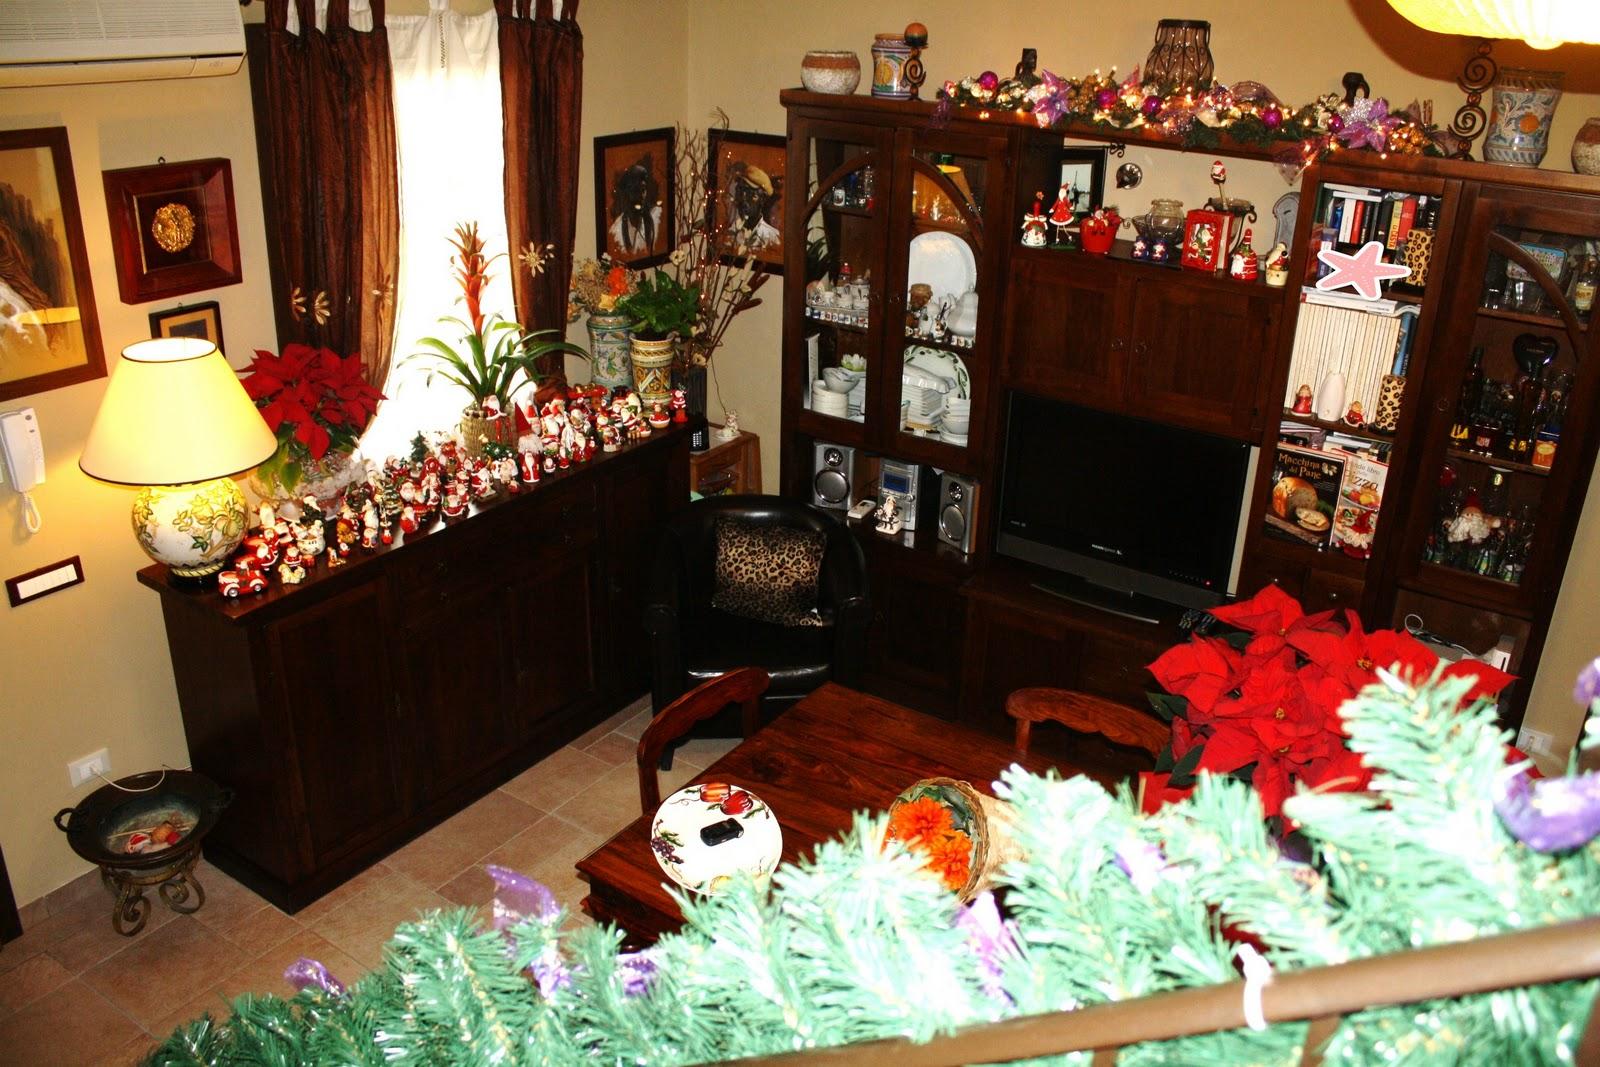 abbastanza Mammalorita.: E' arrivato Dicembre!Viva il Natale!!Ed ecco la  UN23